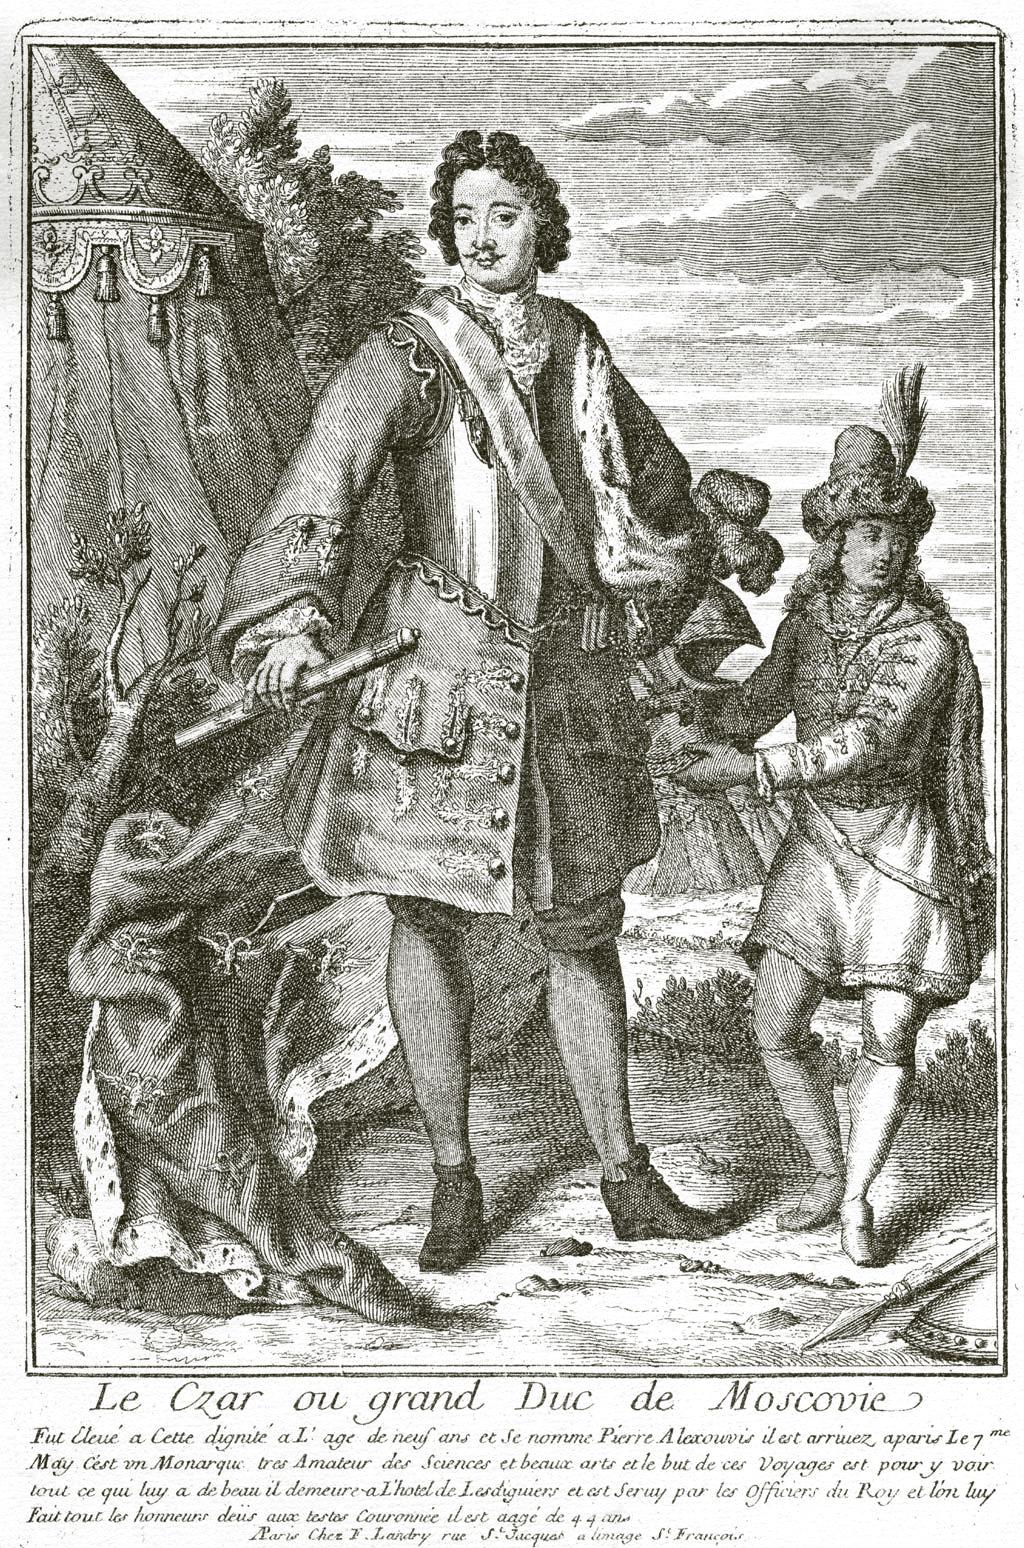 227. Портрет Петра I, изданный французским книгопродавцем F. Landry.